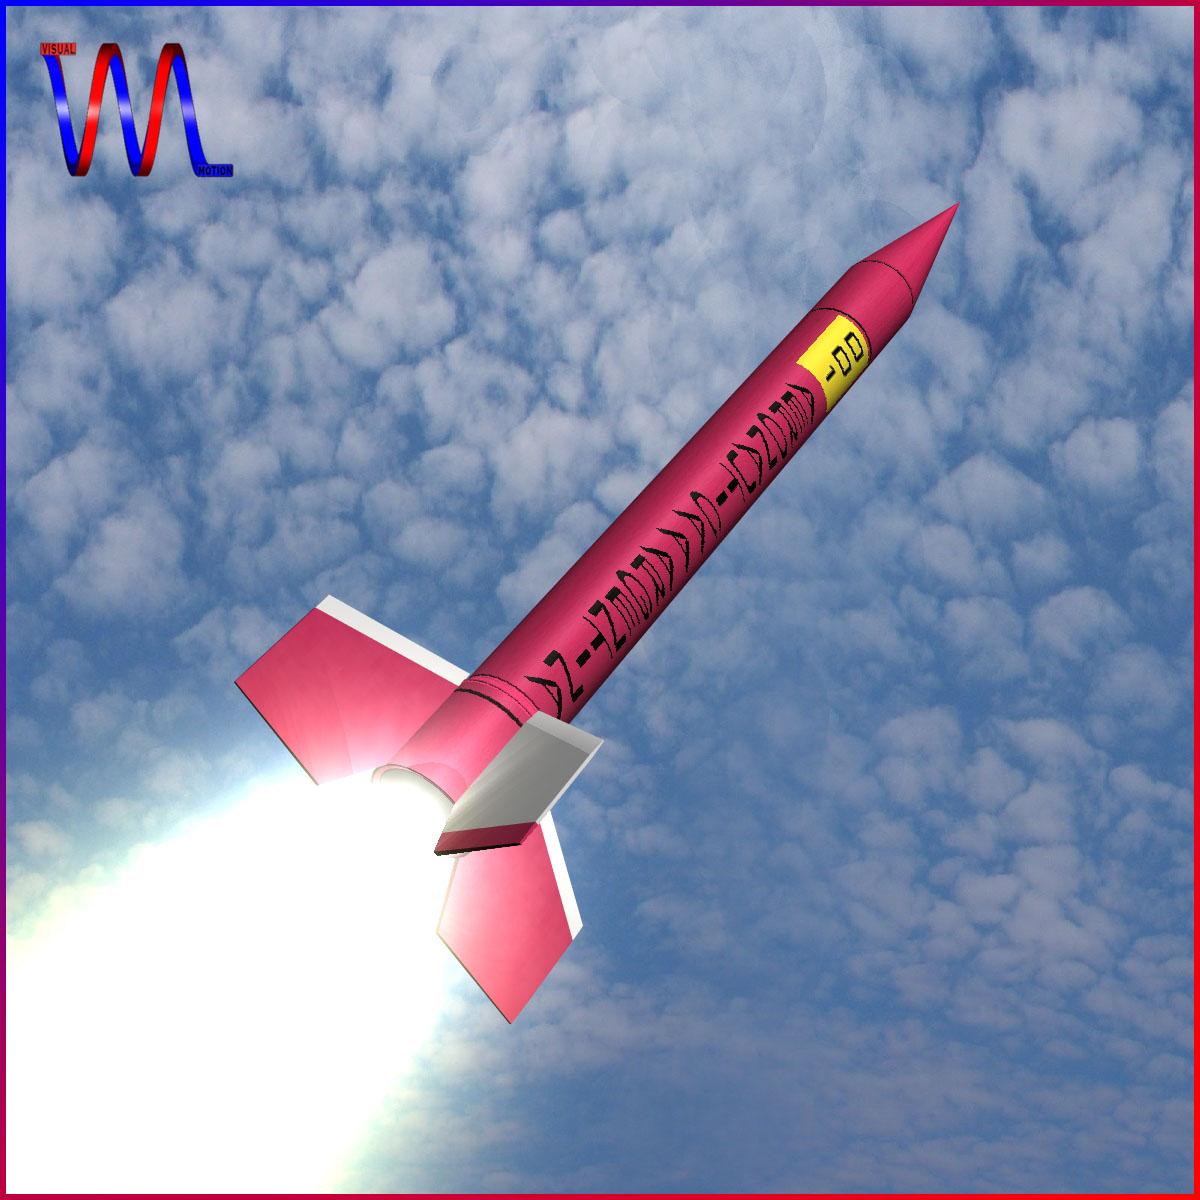 Orion I Rocket 3d model 3ds dxf fbx blend cob dae X  obj 208053